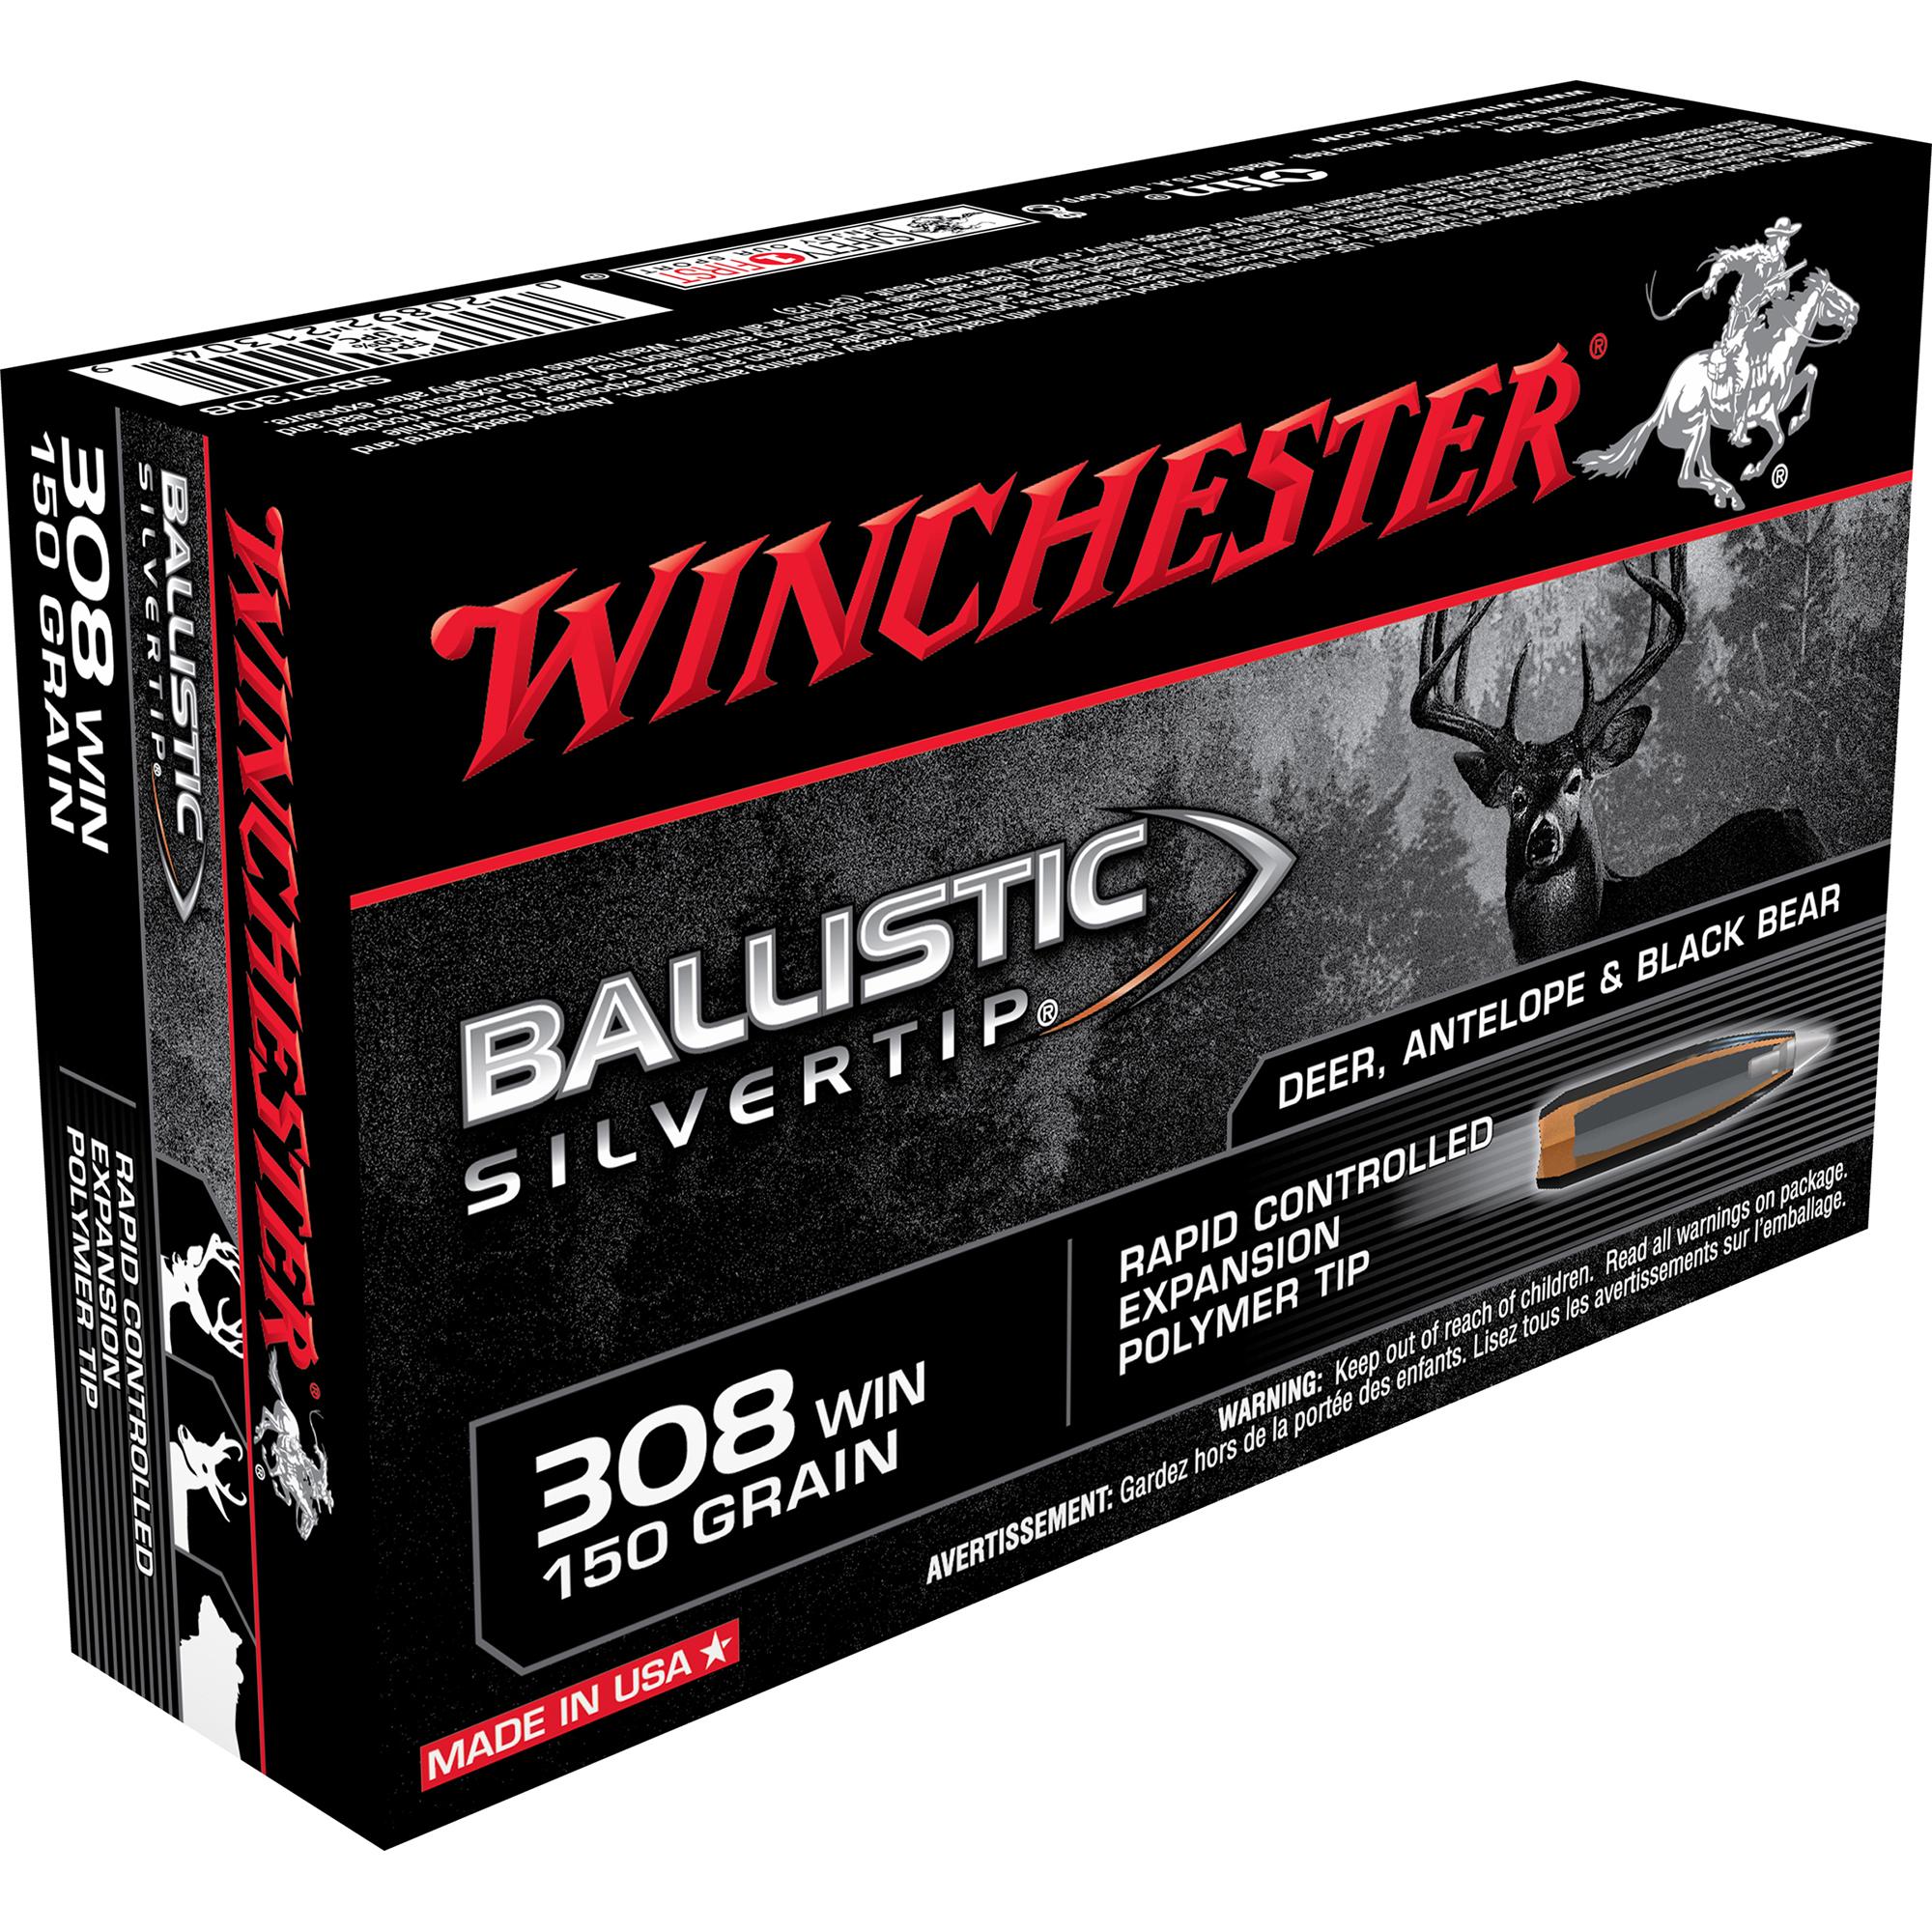 Winchester Ballistic Silver Tip Supreme Centerfire Ammo, .308 Win, 150-gr.